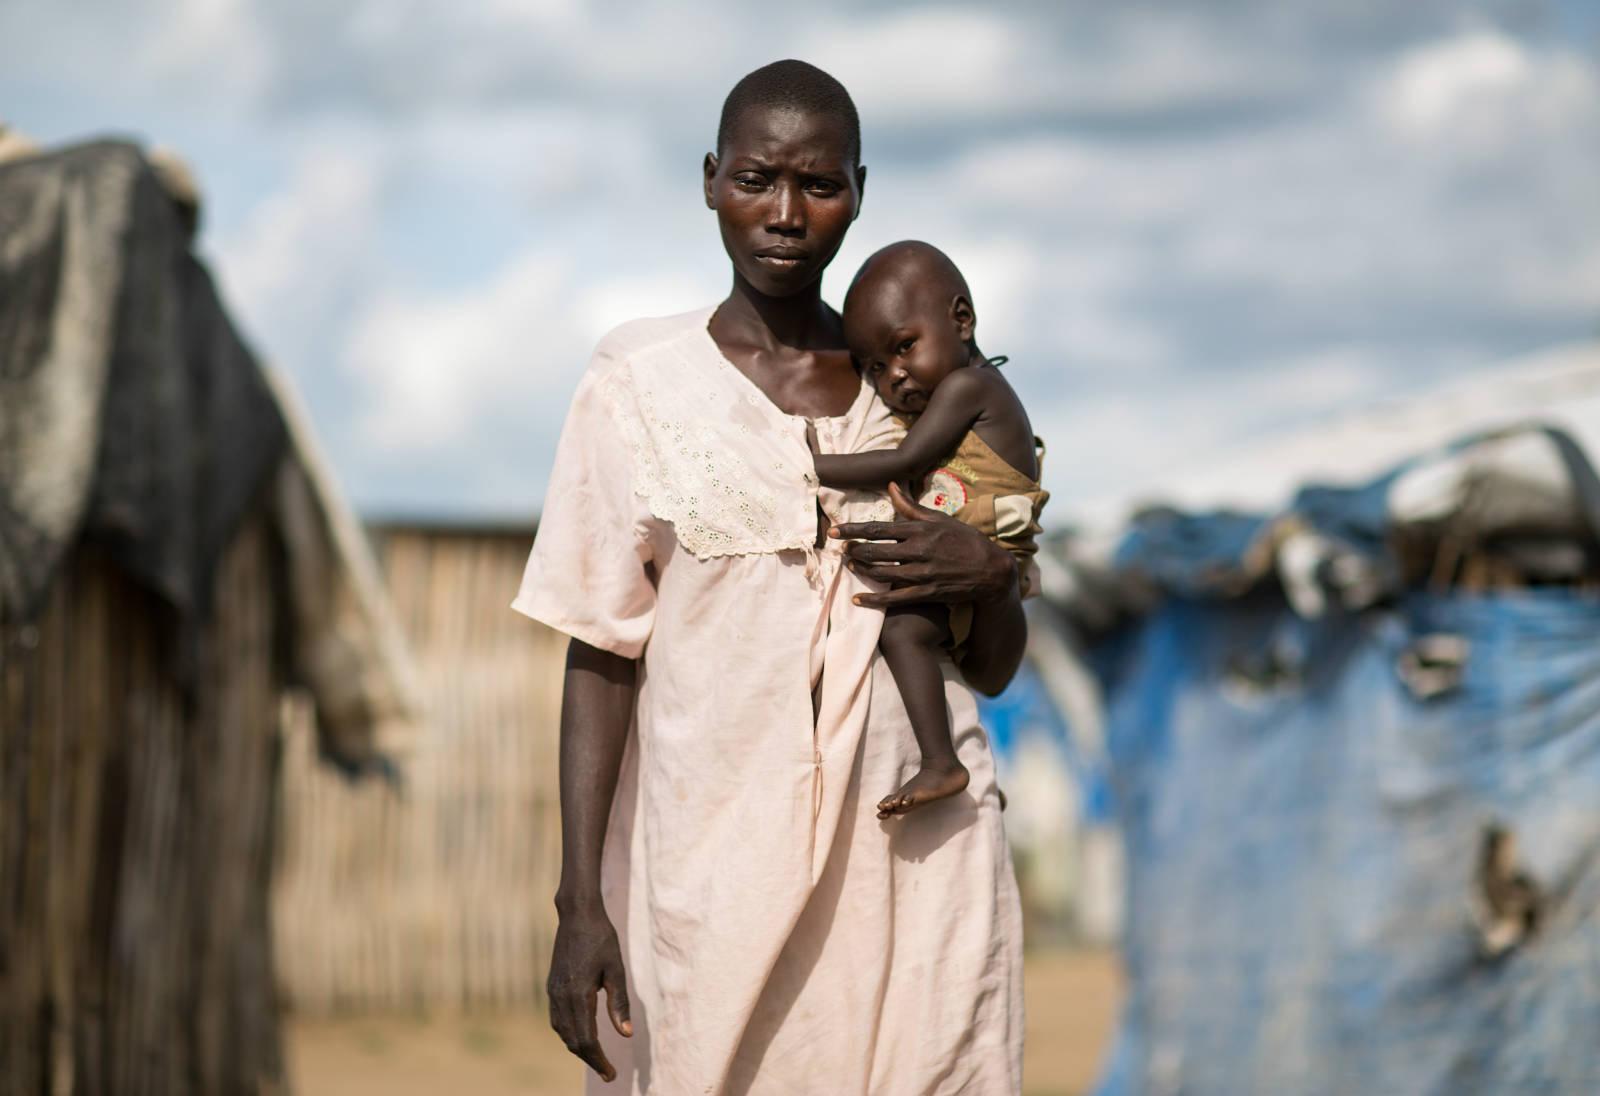 南蘇丹糧食危機是「人為」災難,把人民推到絕處,婦女及兒童最受影響。(Kieran Doherty/Oxfam)